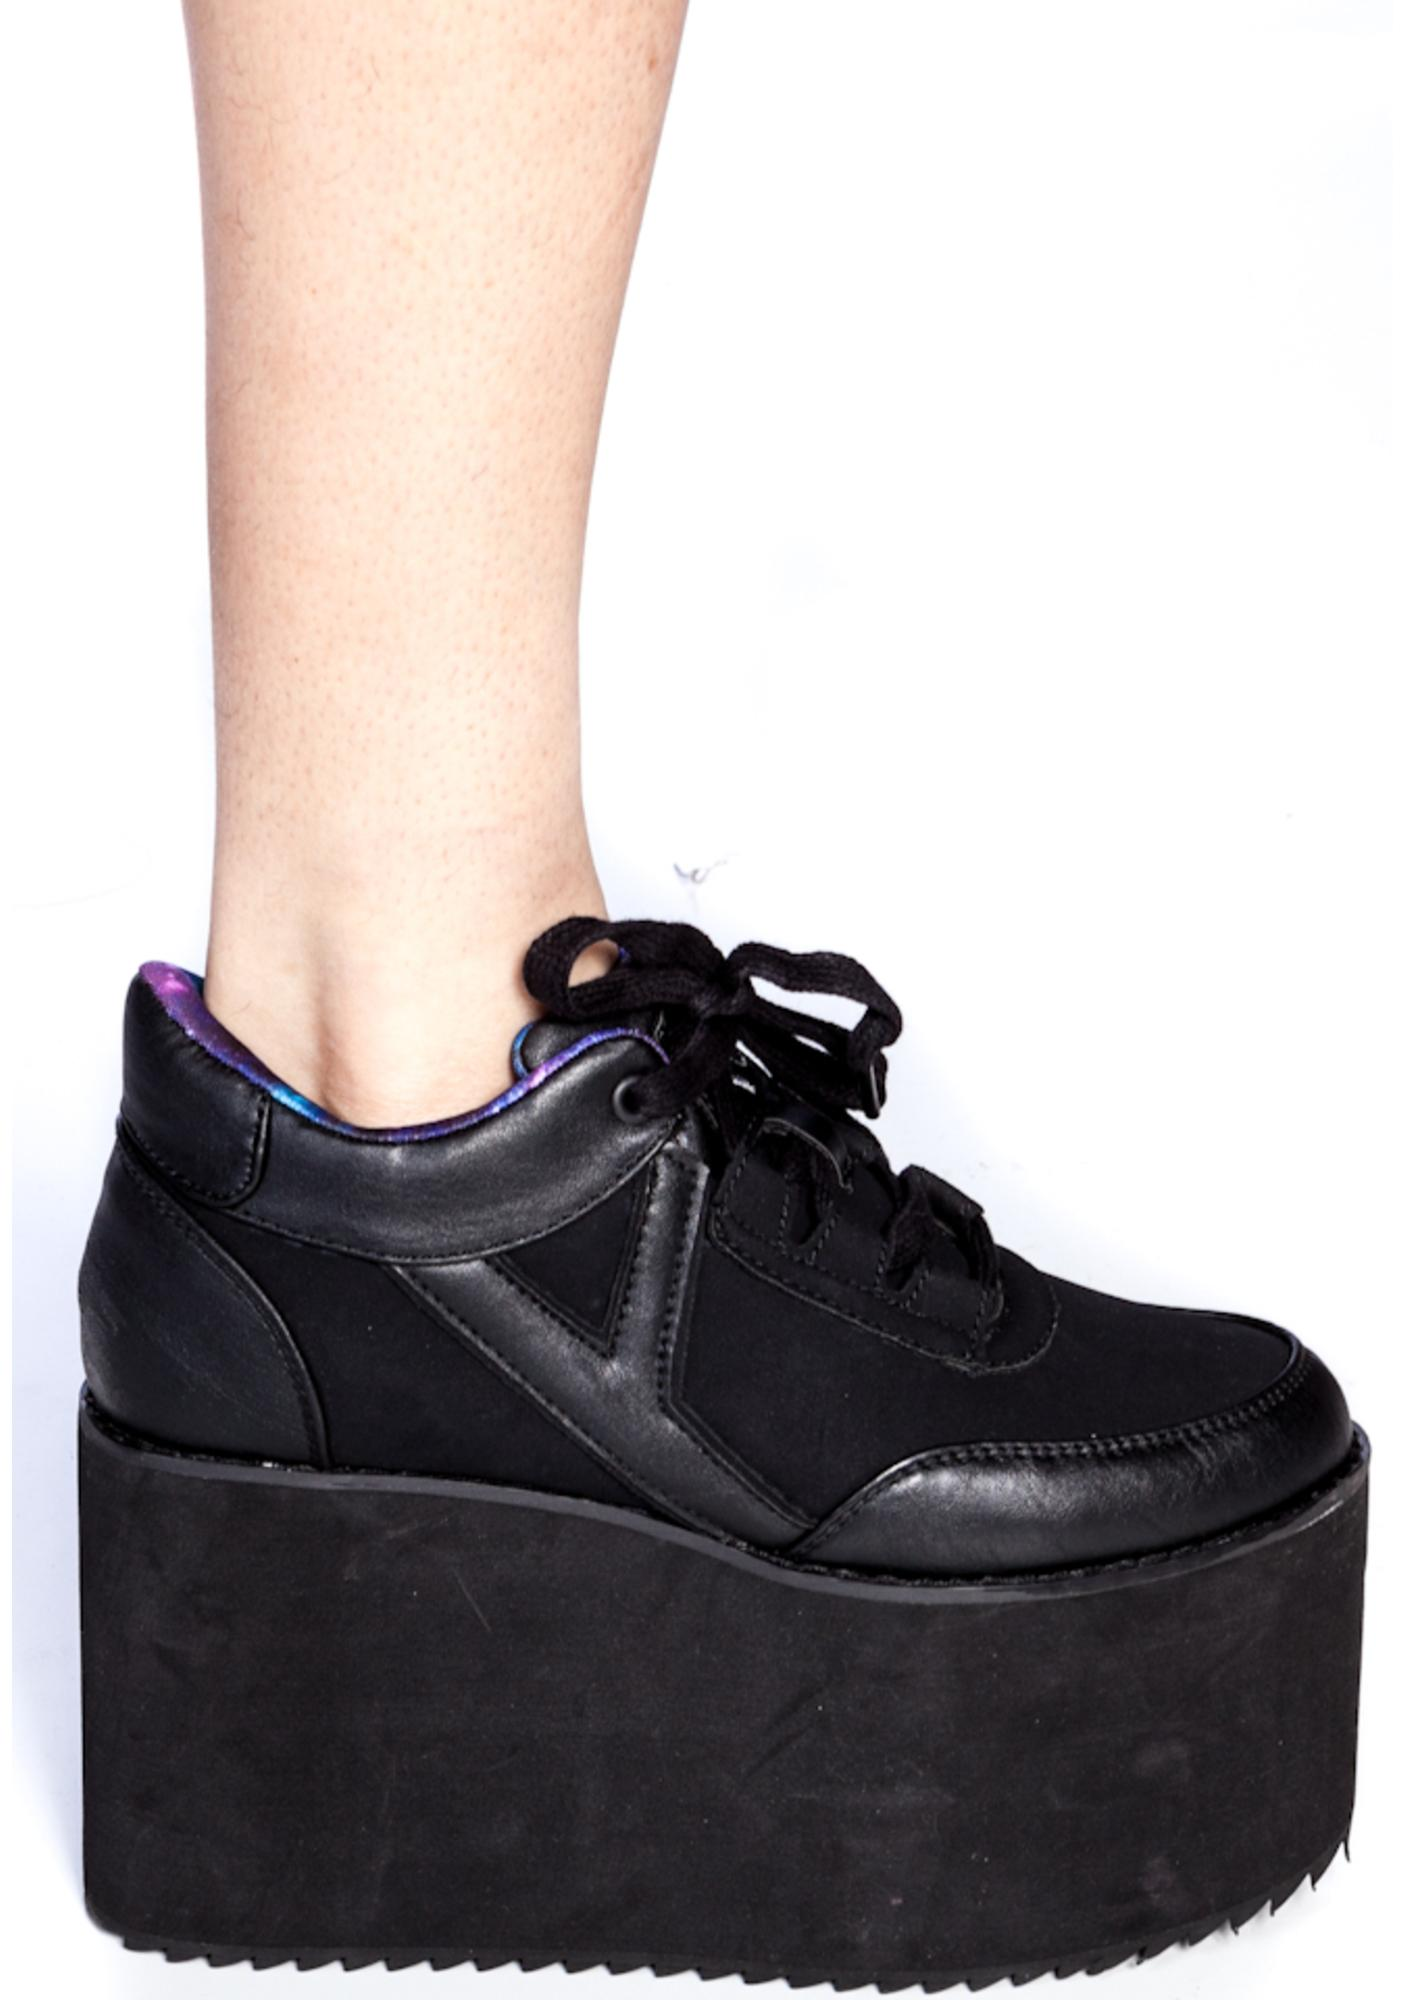 Y.R.U. Qozmo Platform Shoes | Dolls Kill